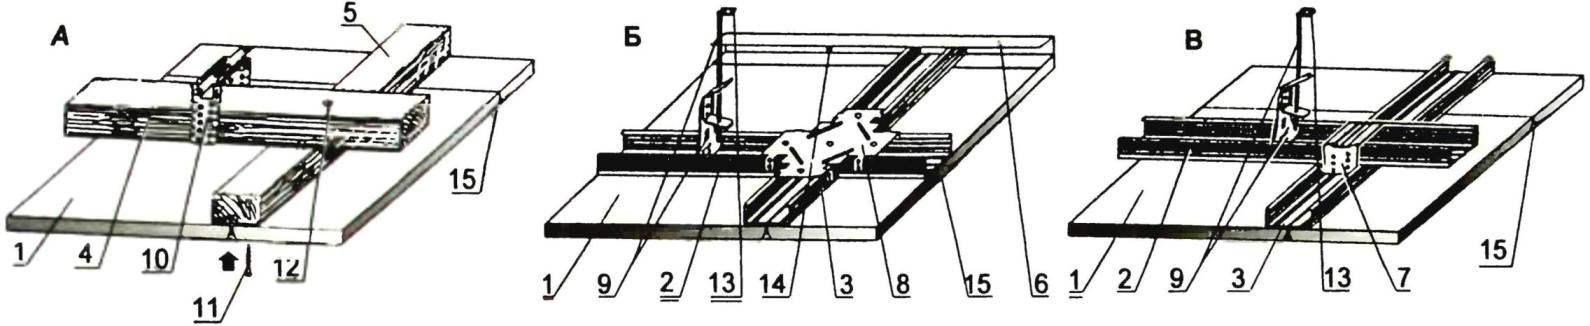 Рис. 2. Элементы подвесного потолка